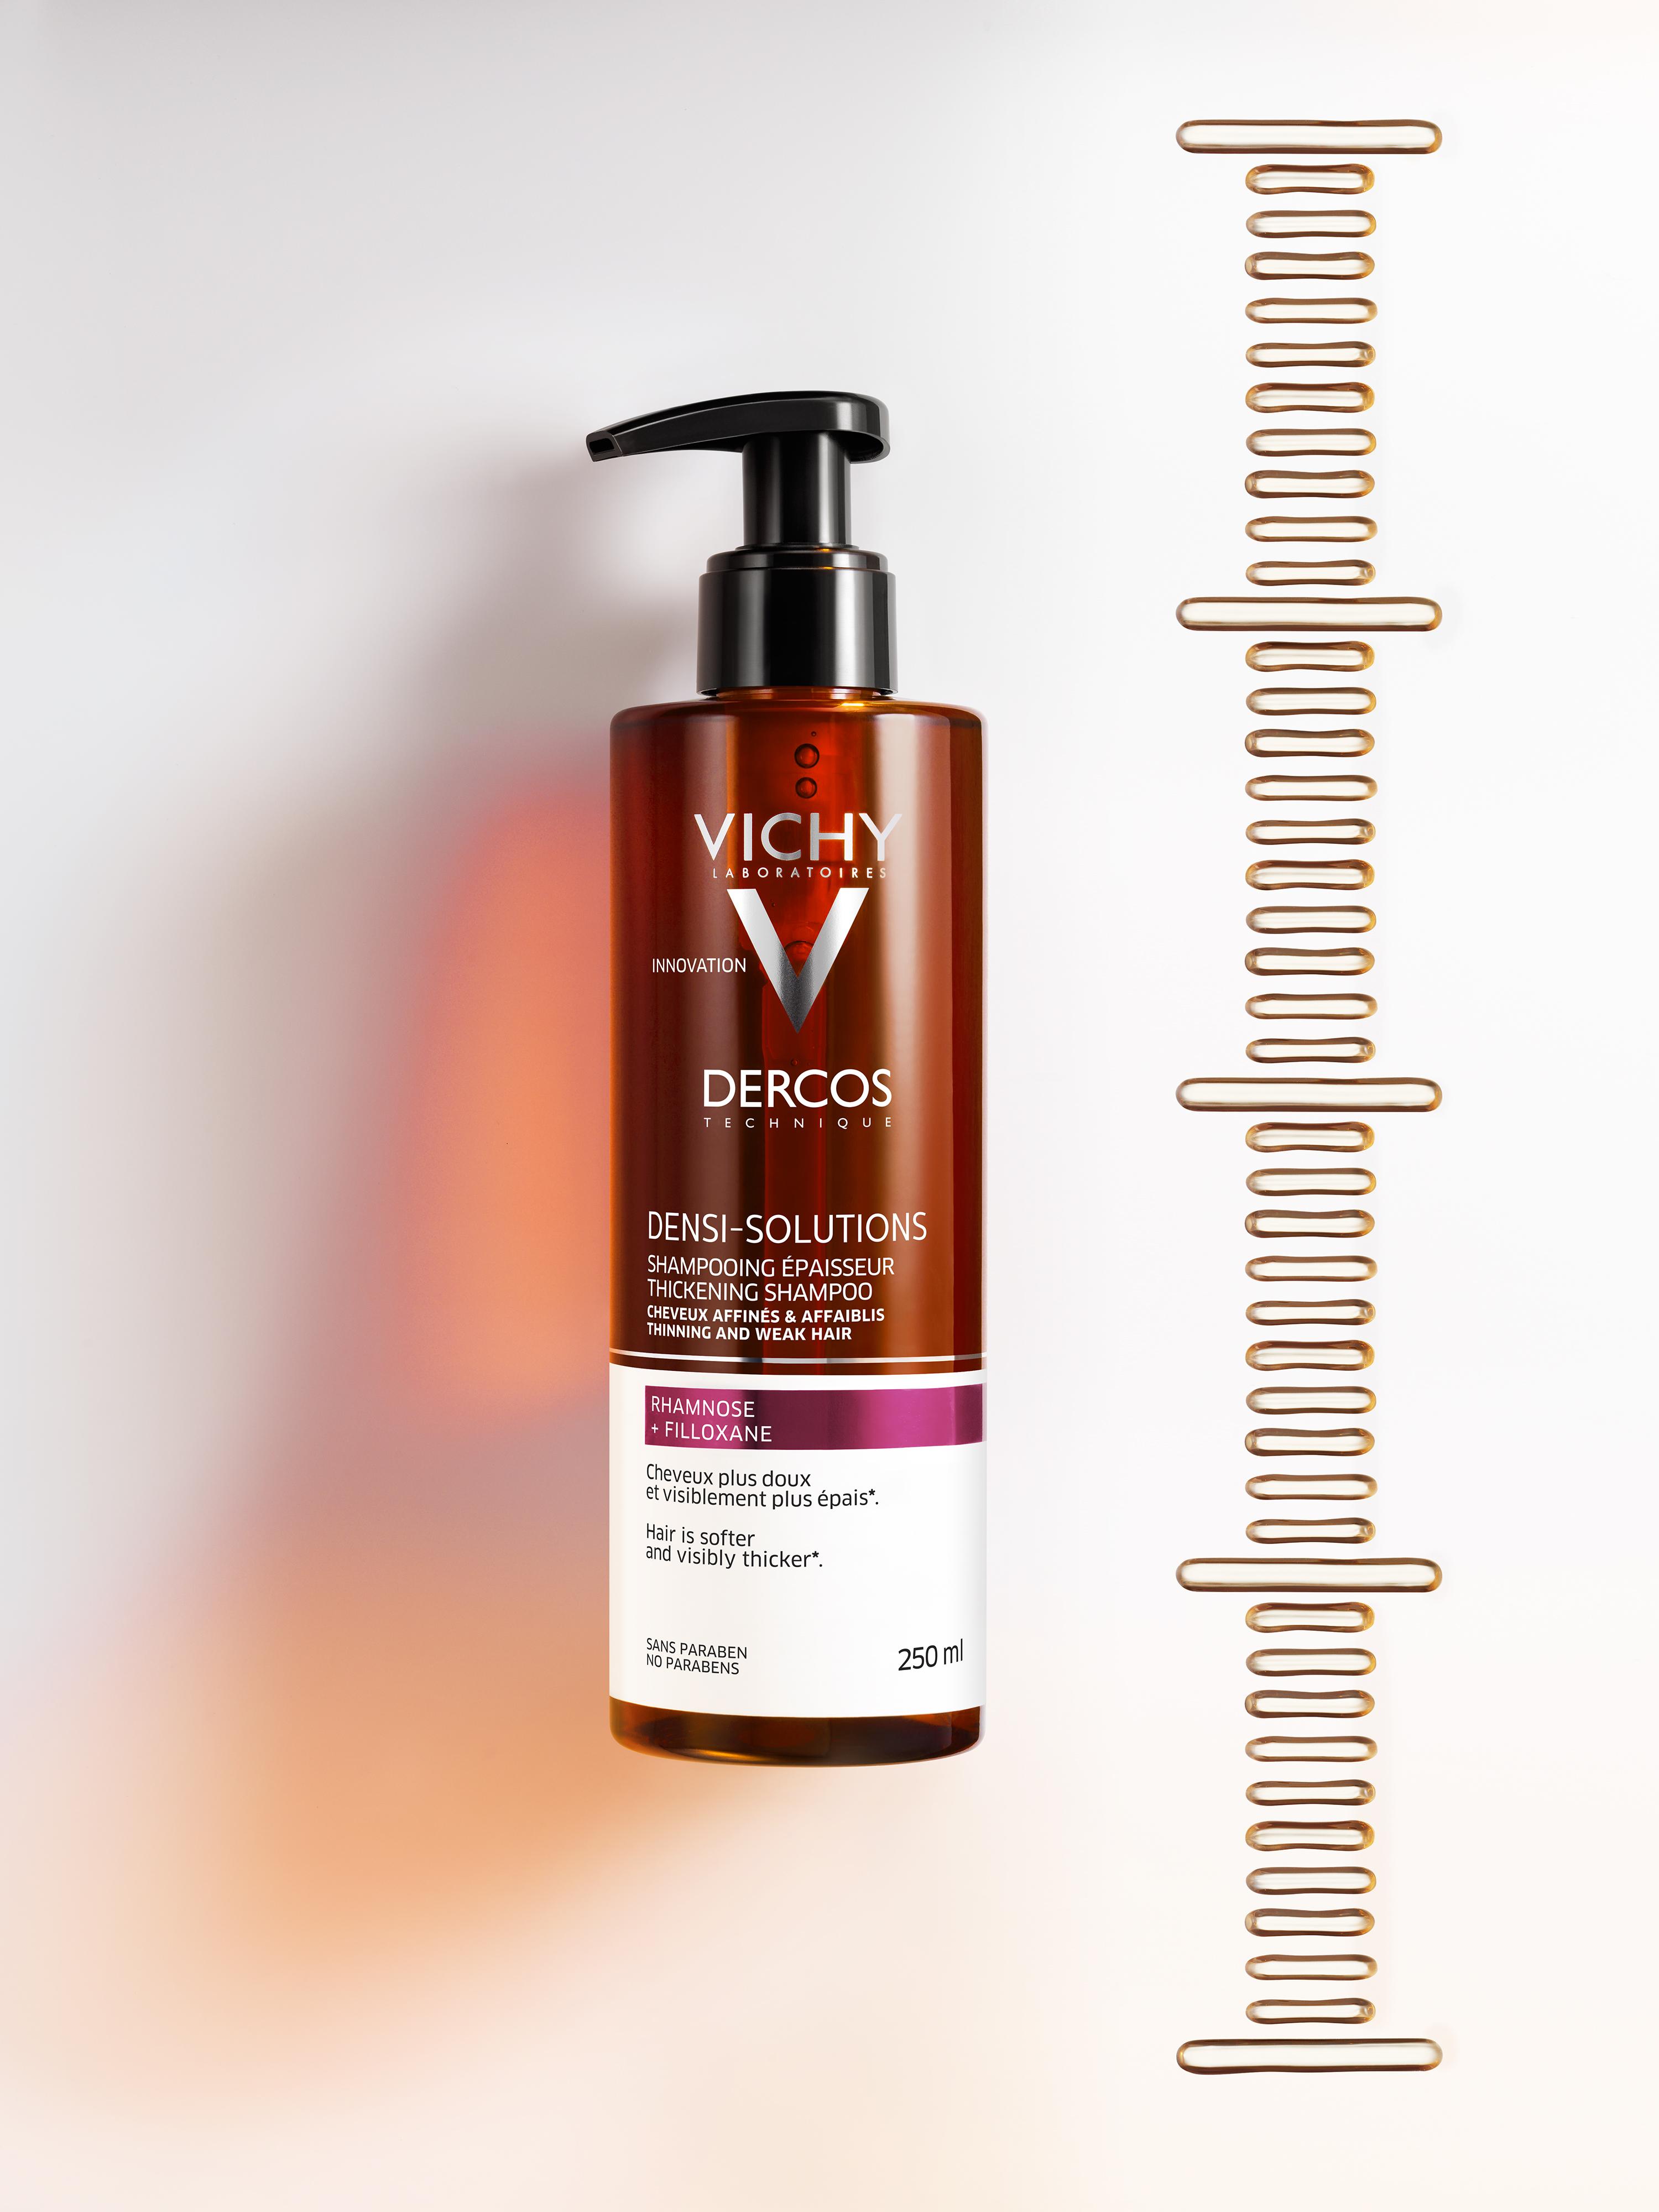 Densi-Solutions - Daha Yoğun ve Dolgun Görünümlü Saçlar için Şampuan